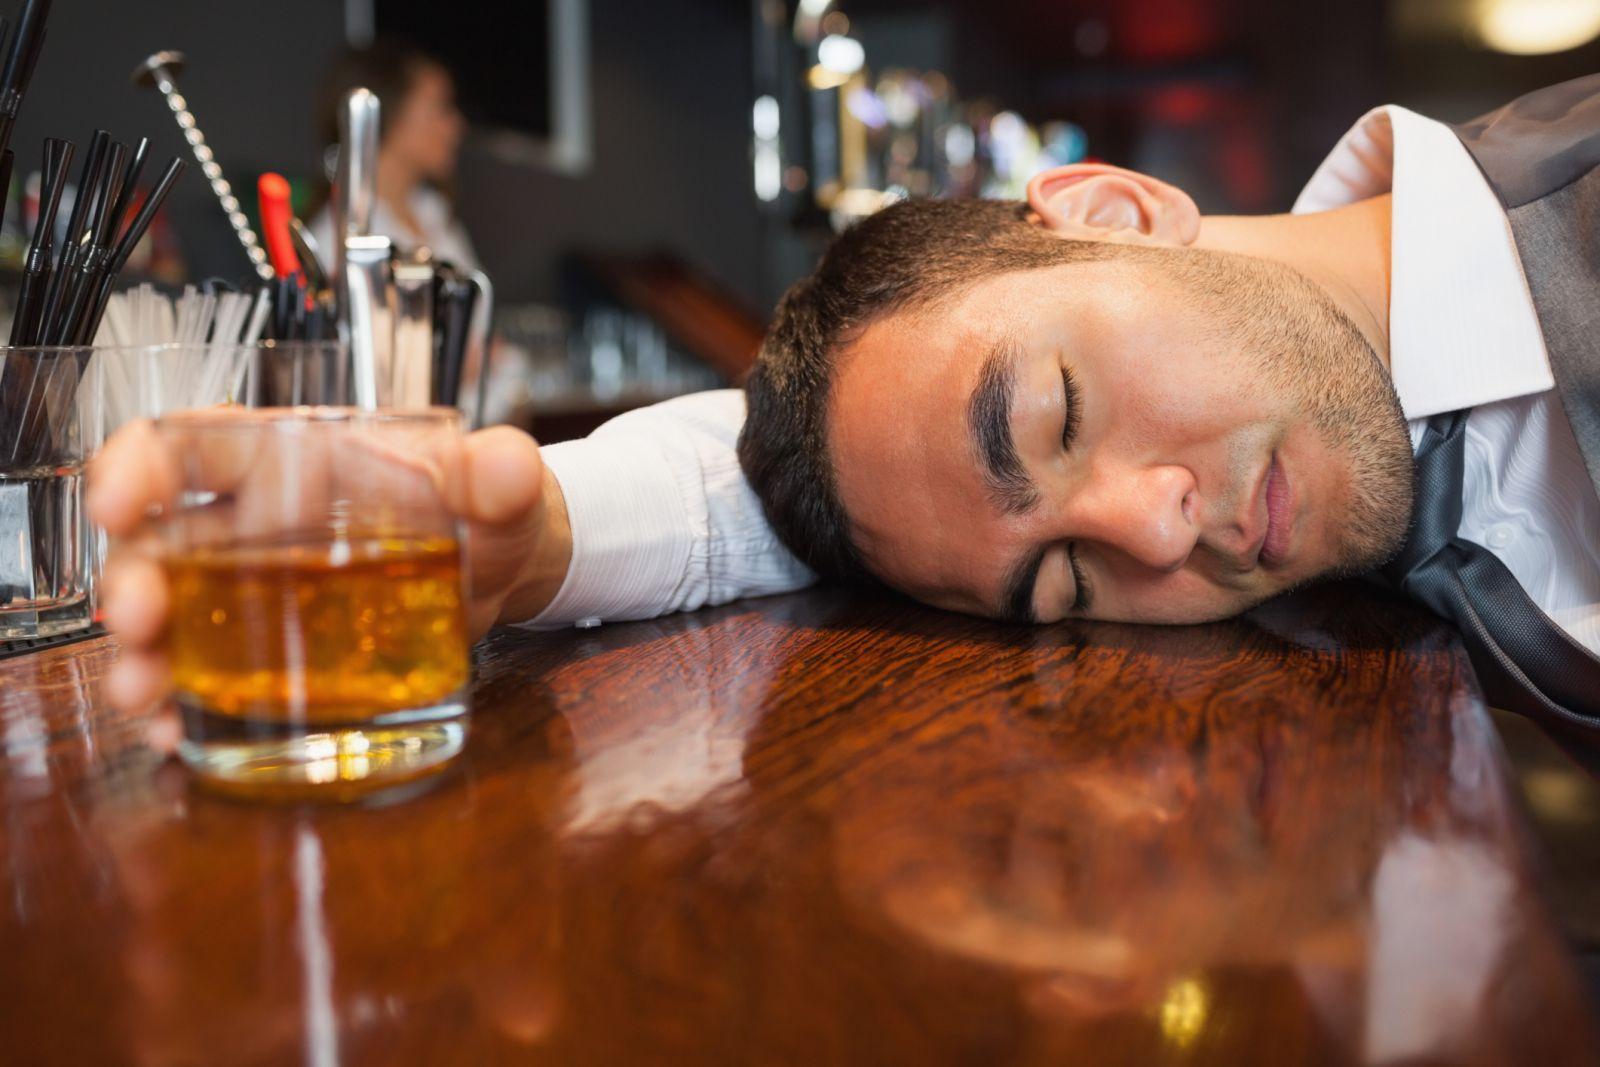 HepaB Extra bảo vệ lá gan của bạn khỏi tác động của bia rượu